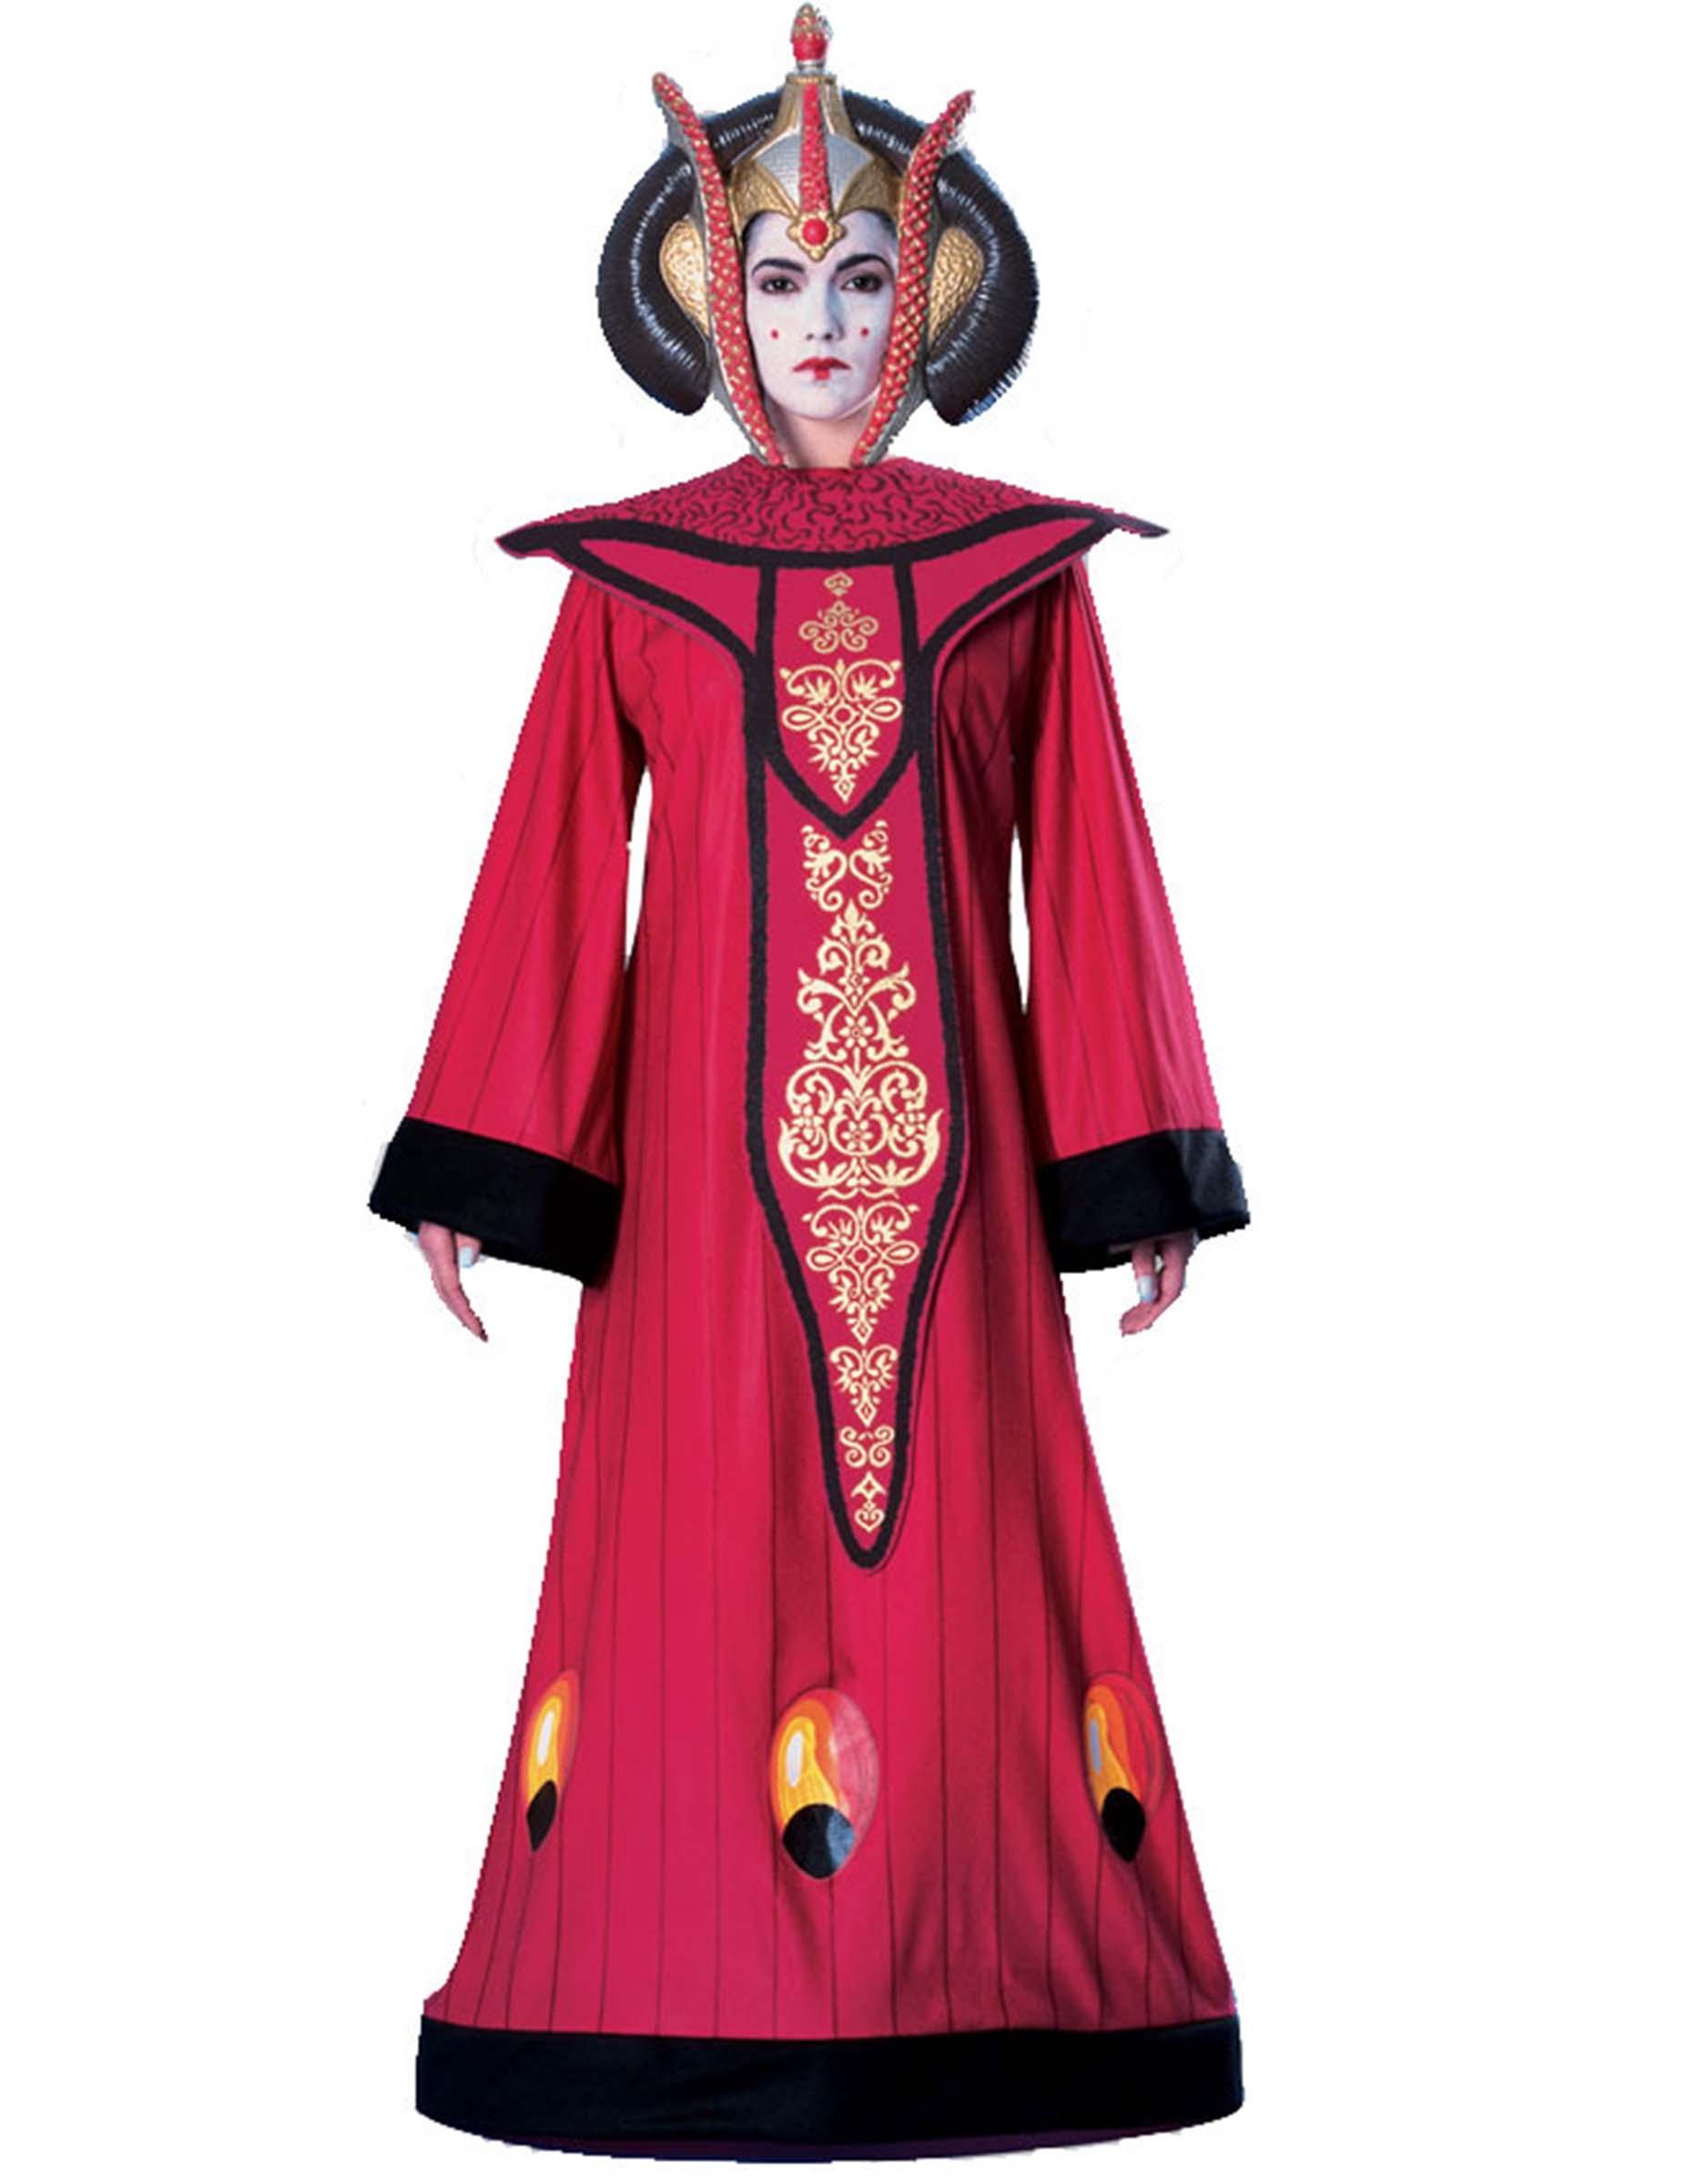 Upptäck de snyggaste Star Wars kläderna till maskeraden från Vegaoo.se 4caad514438fd